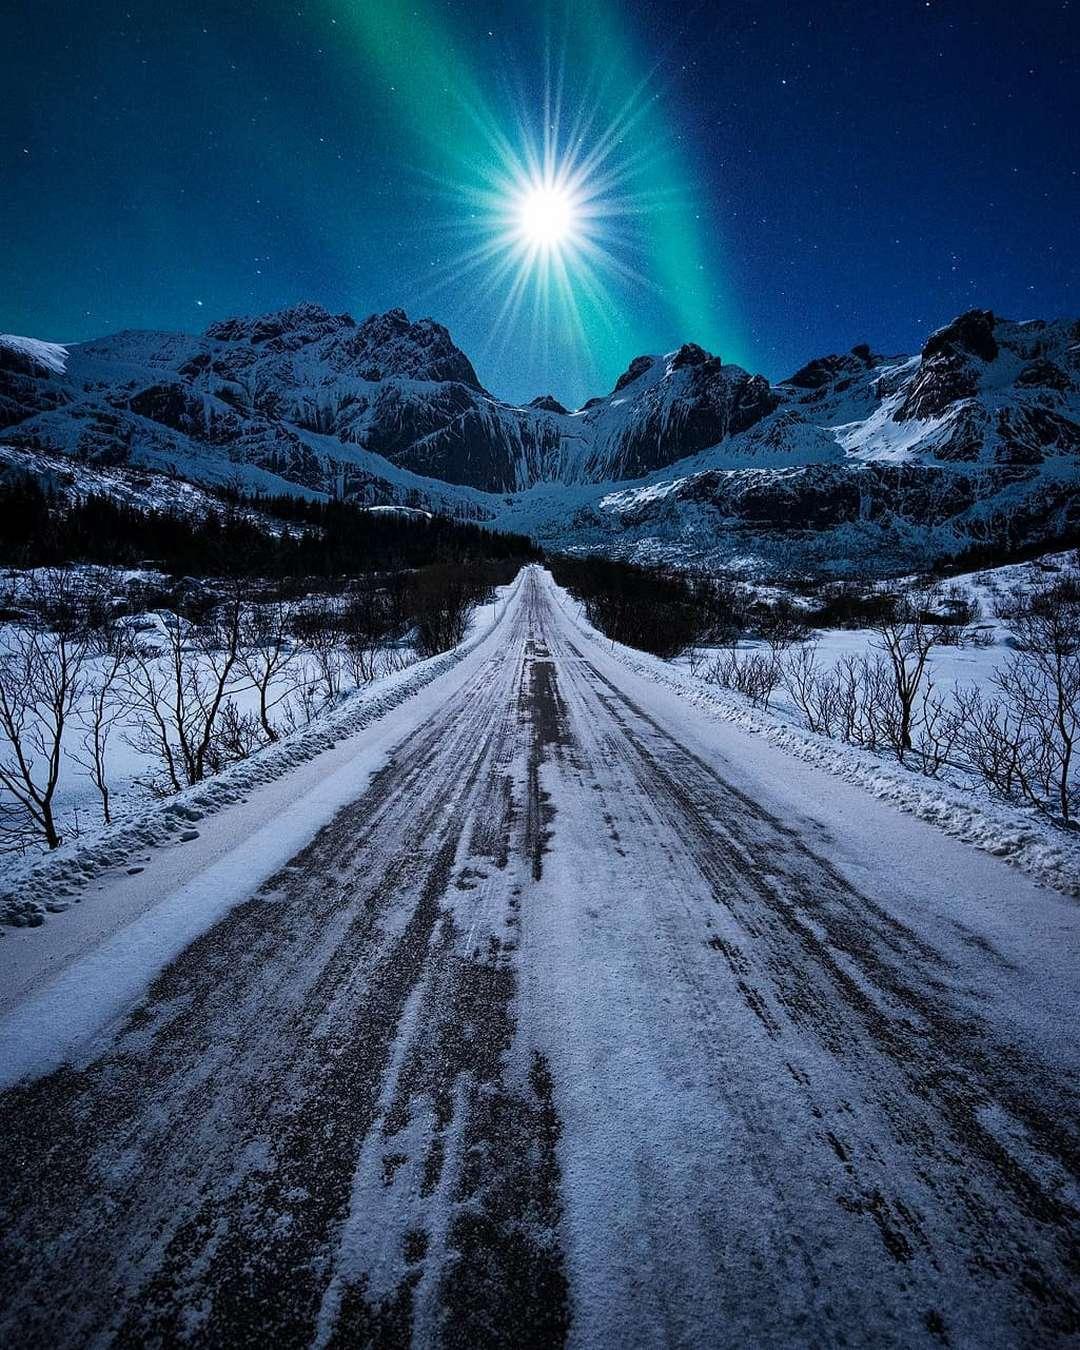 Природа и путешествия на снимках Феликса Индена Феликс, «Гоняйтесь, дорогой, камеру, главное, выбрать, хороший, прийти, локацию, когда, солнце, зените, пусть, камерой, снять, получится, таким, атмосферным2345678910111213141516171819202122232425Запись, Природа, путешествия